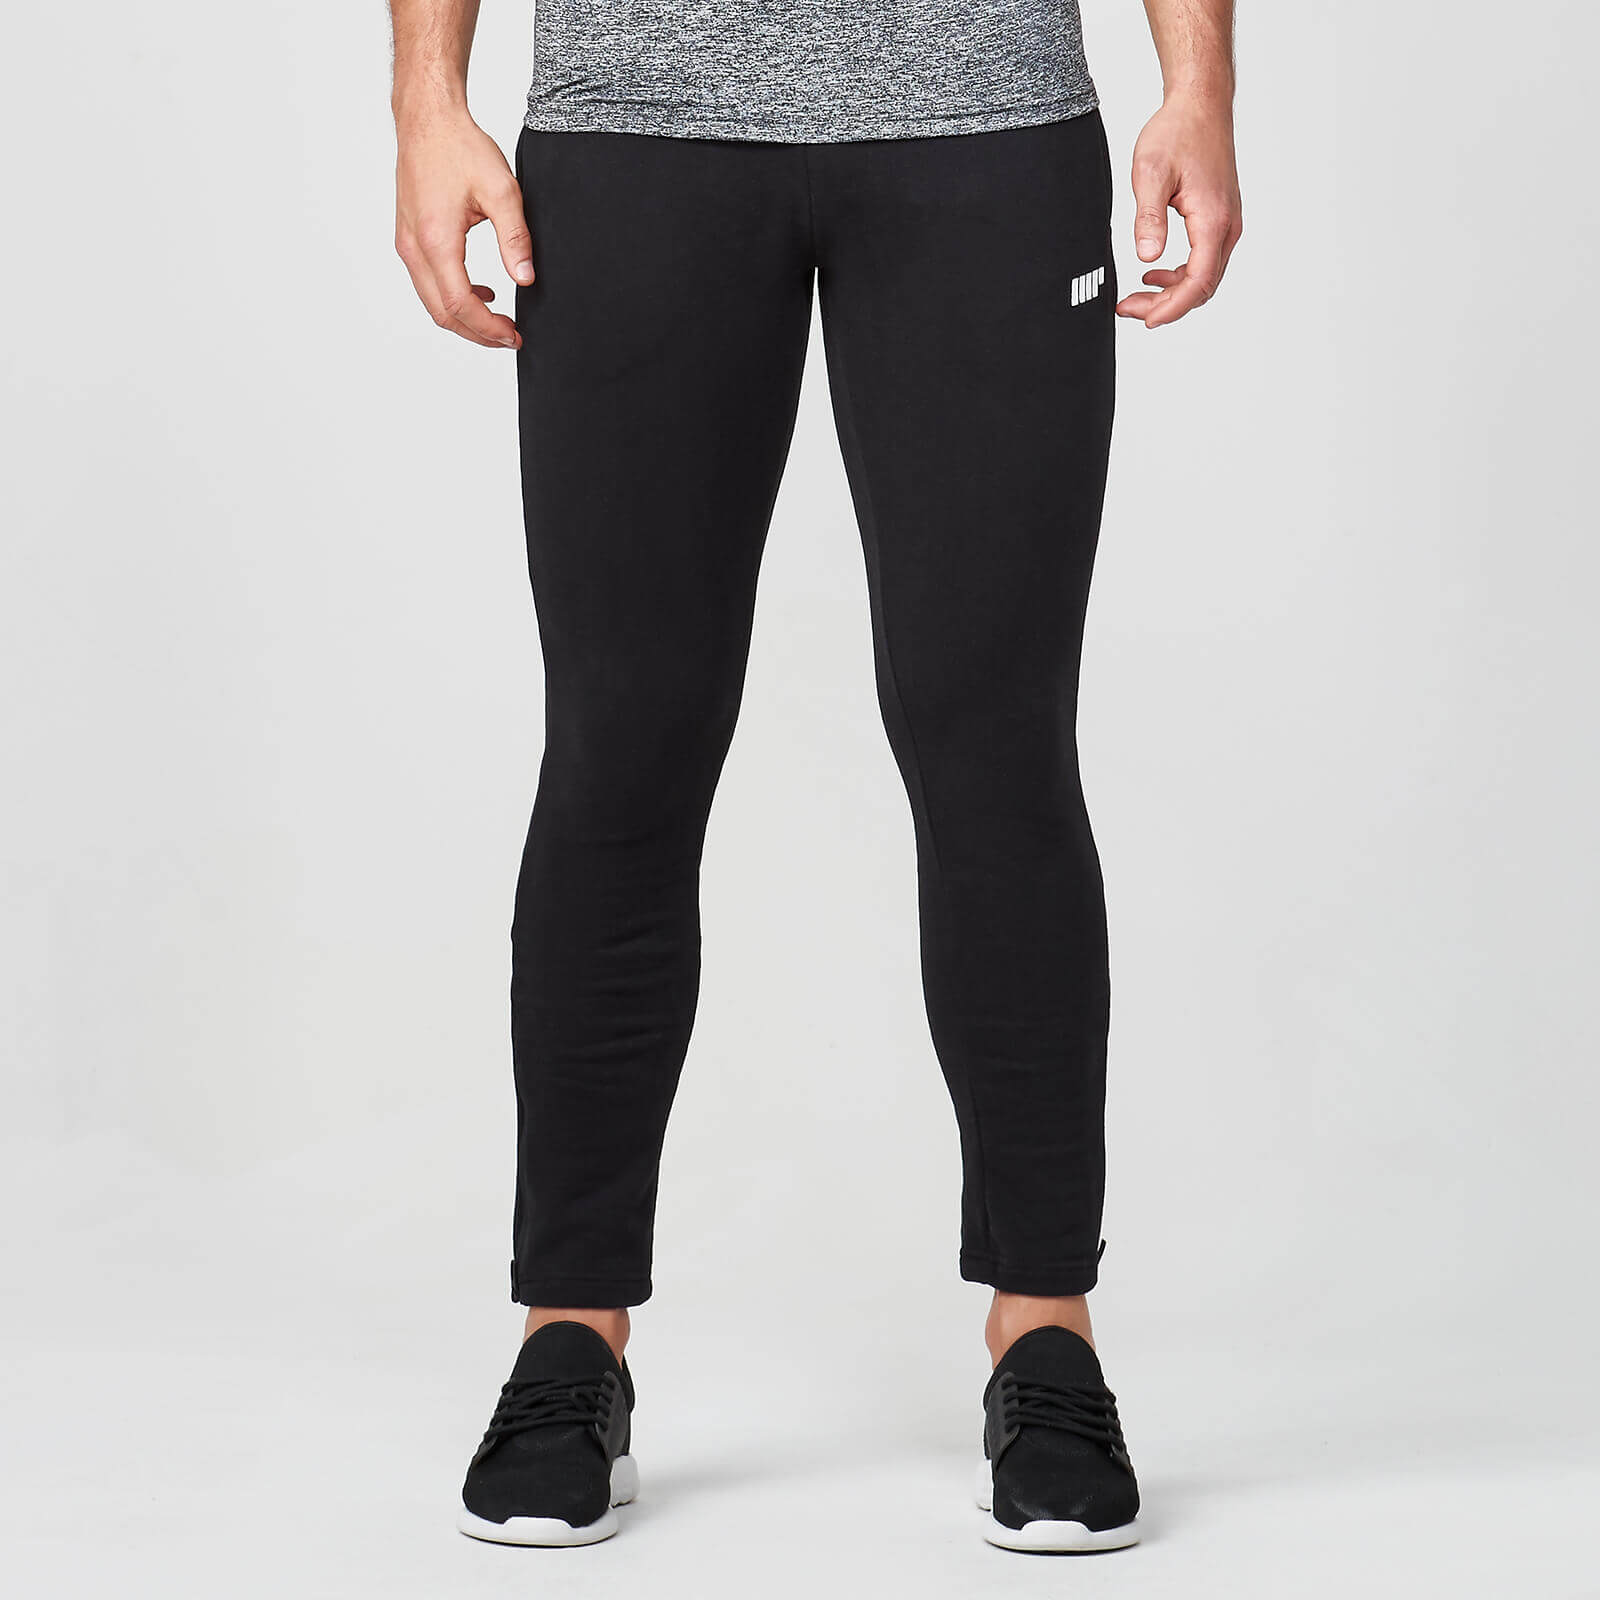 39bebc71 Мужские спортивные облегающие штаны | Цвет черный | MYPROTEIN™